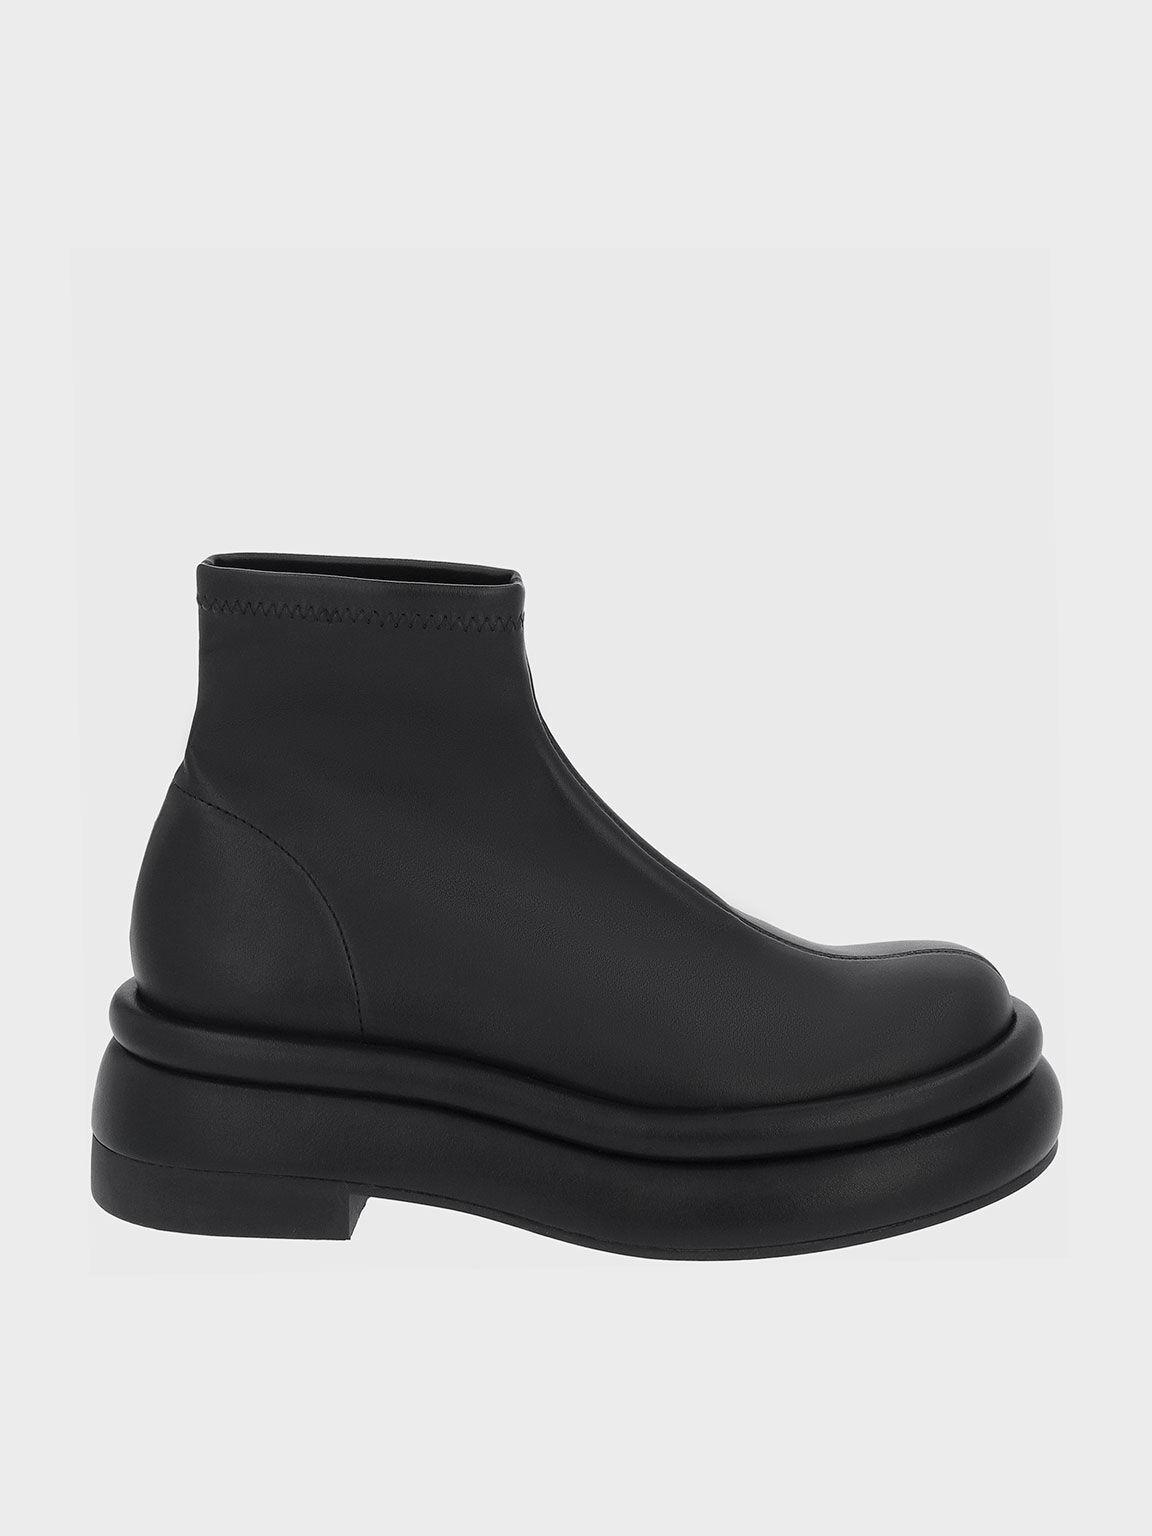 Nola 厚底短靴, 黑色, hi-res